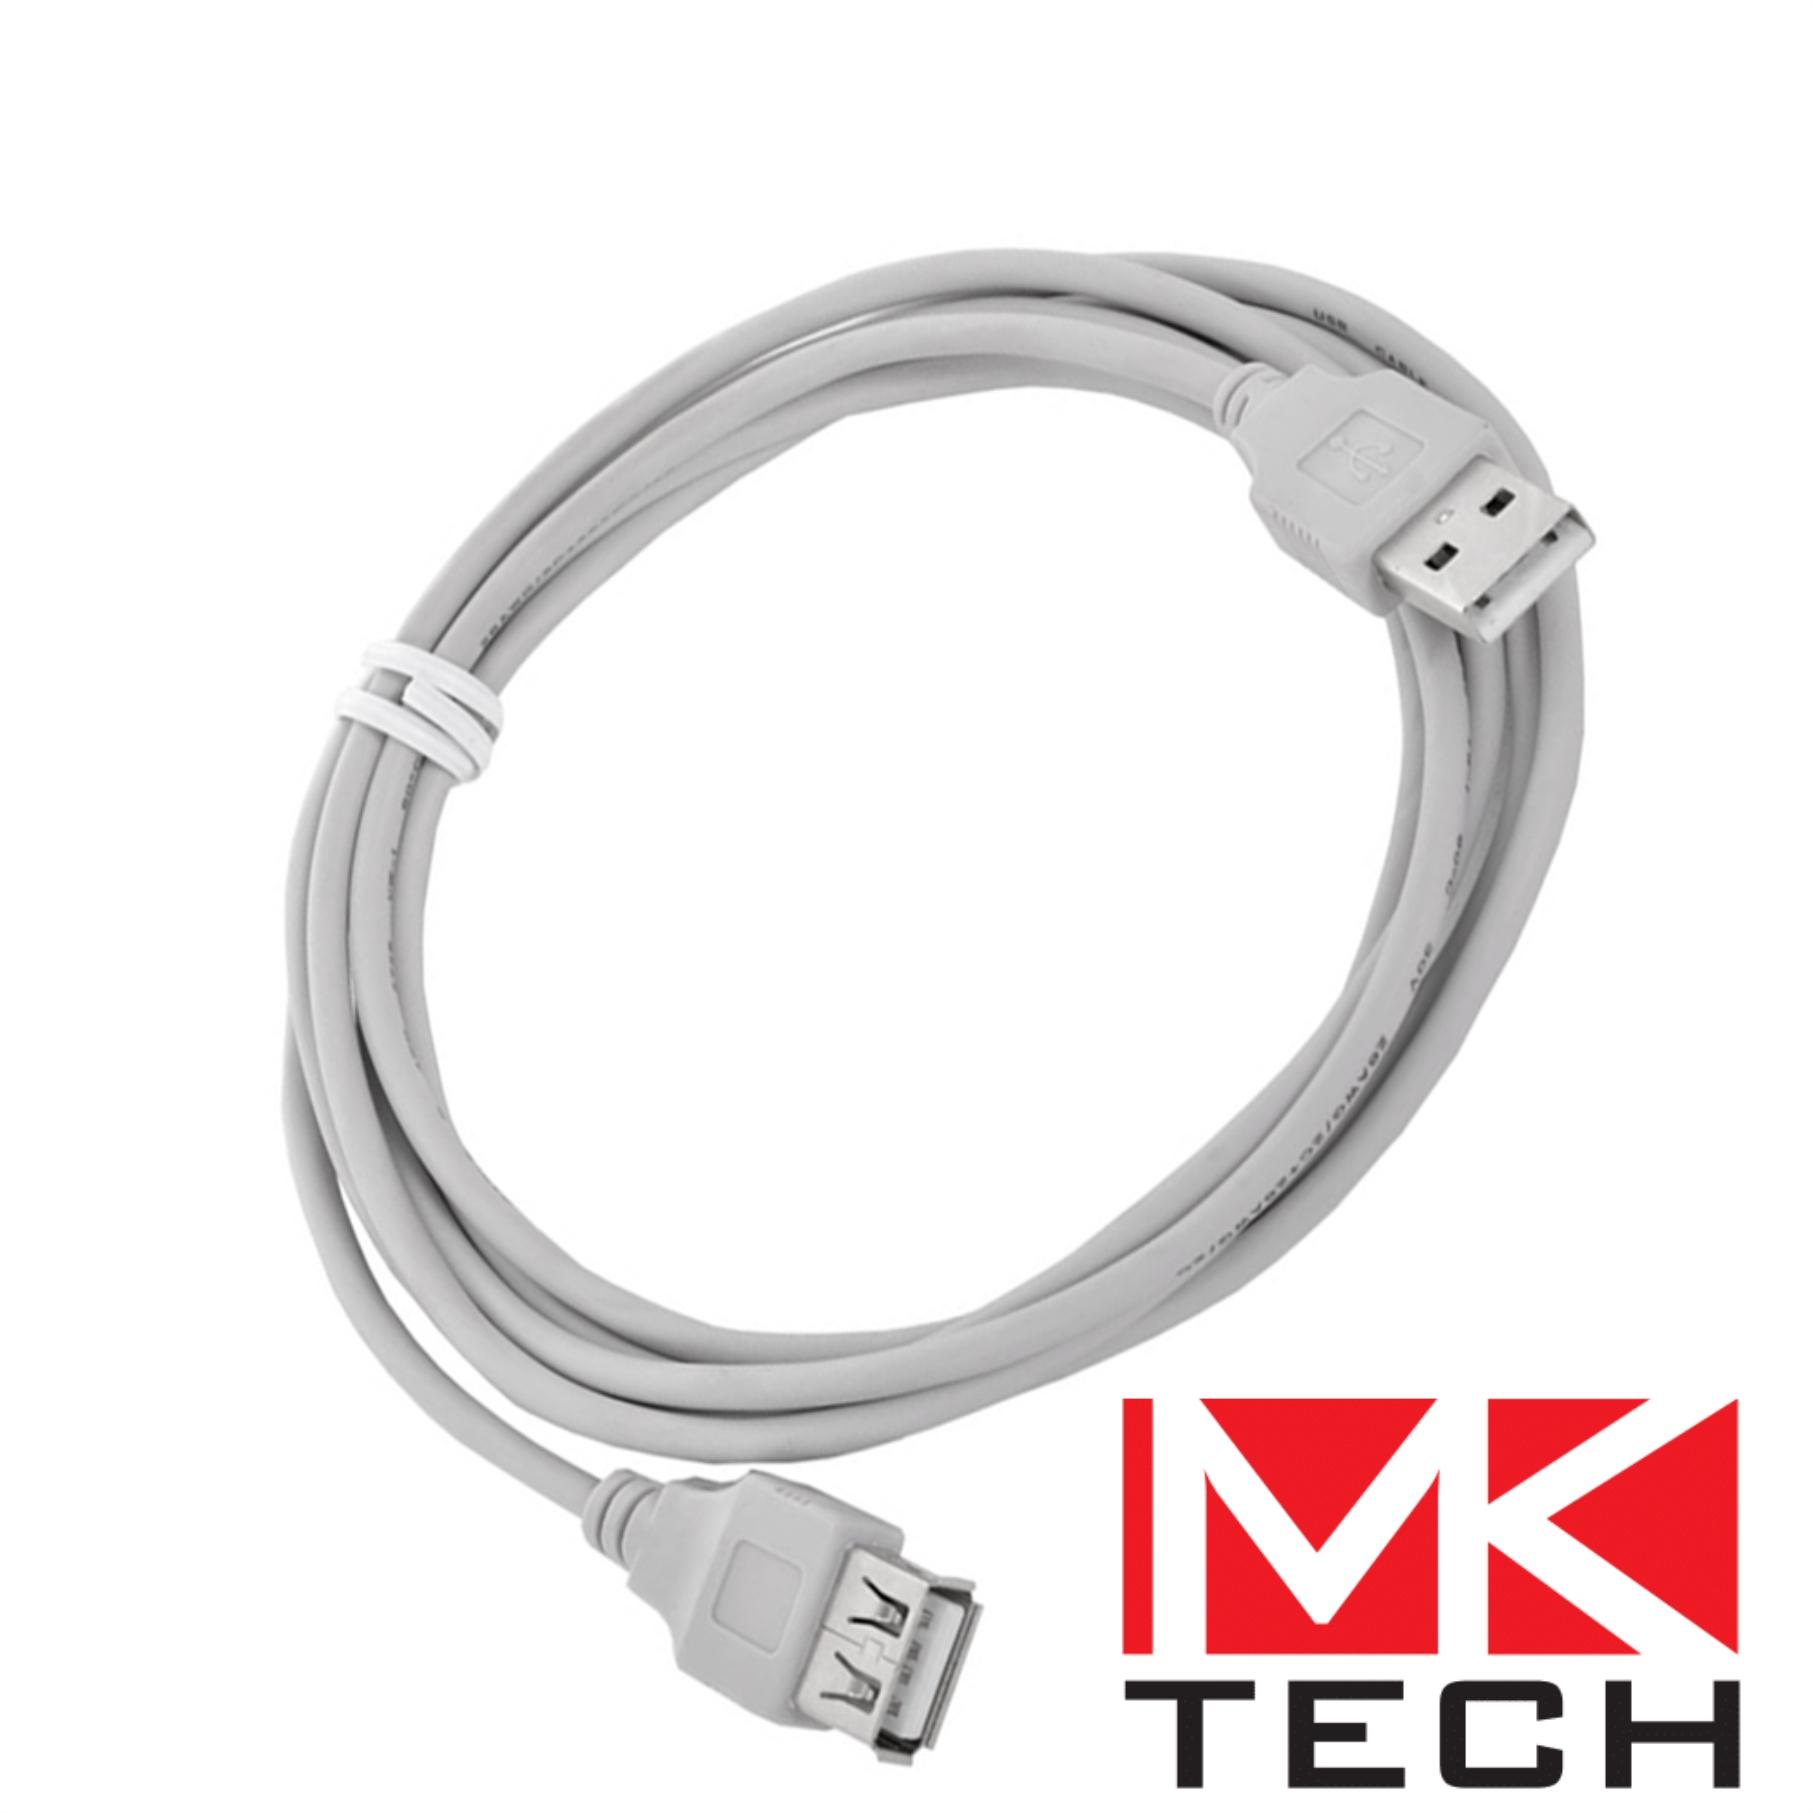 Удължител USB AM-AF  3.0m MKTECH Сив